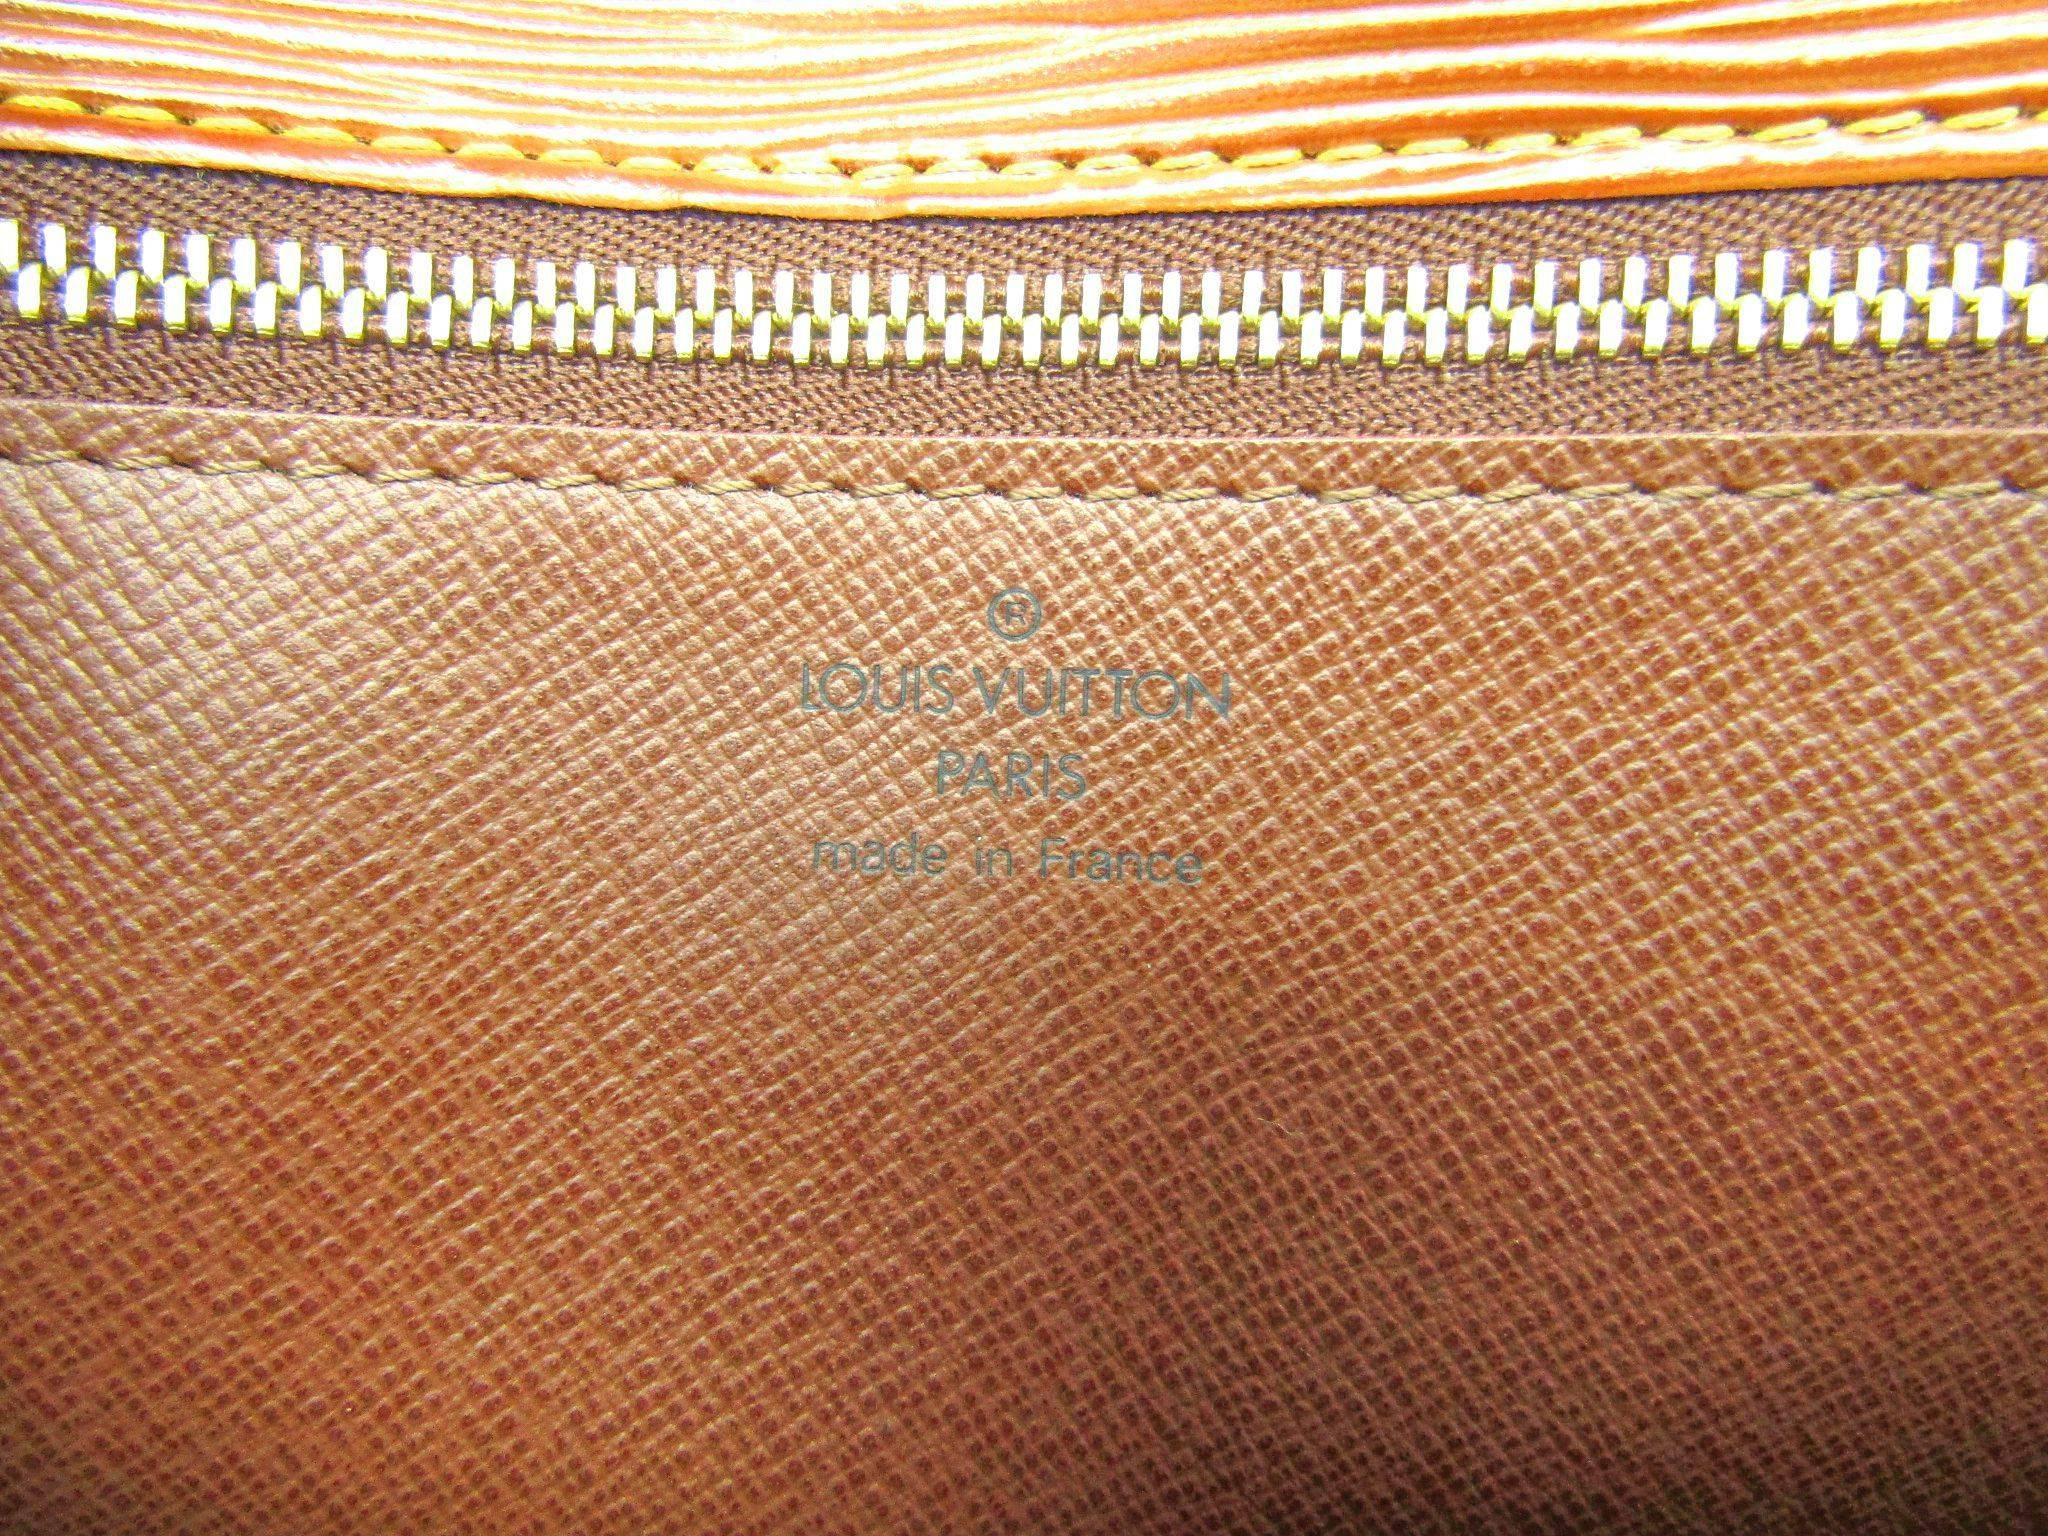 942ae8e41c80 Louis Vuitton Cognac Epi Gold Envelope Wristlet Evening Flap Clutch Bag For  Sale at 1stdibs